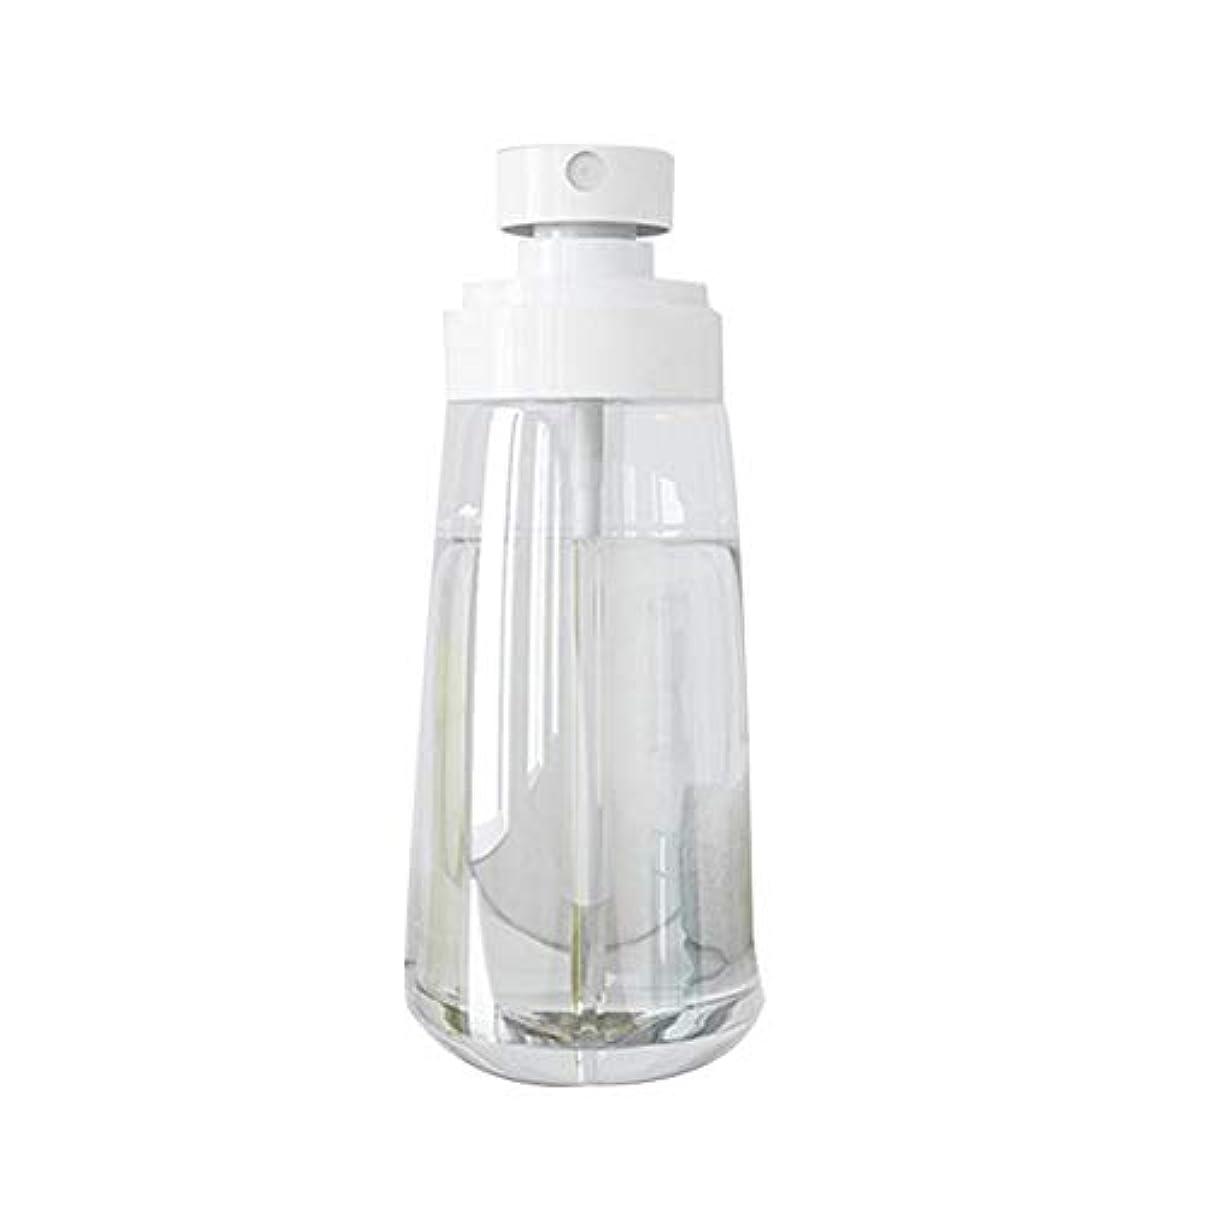 再開癒すホールドLUERME スプレーボルト 60ml PET製 化粧水の詰替用 極細のミストを噴霧する 旅行用の霧吹き 小分けの容器 アルコール消毒用 アトマイザー